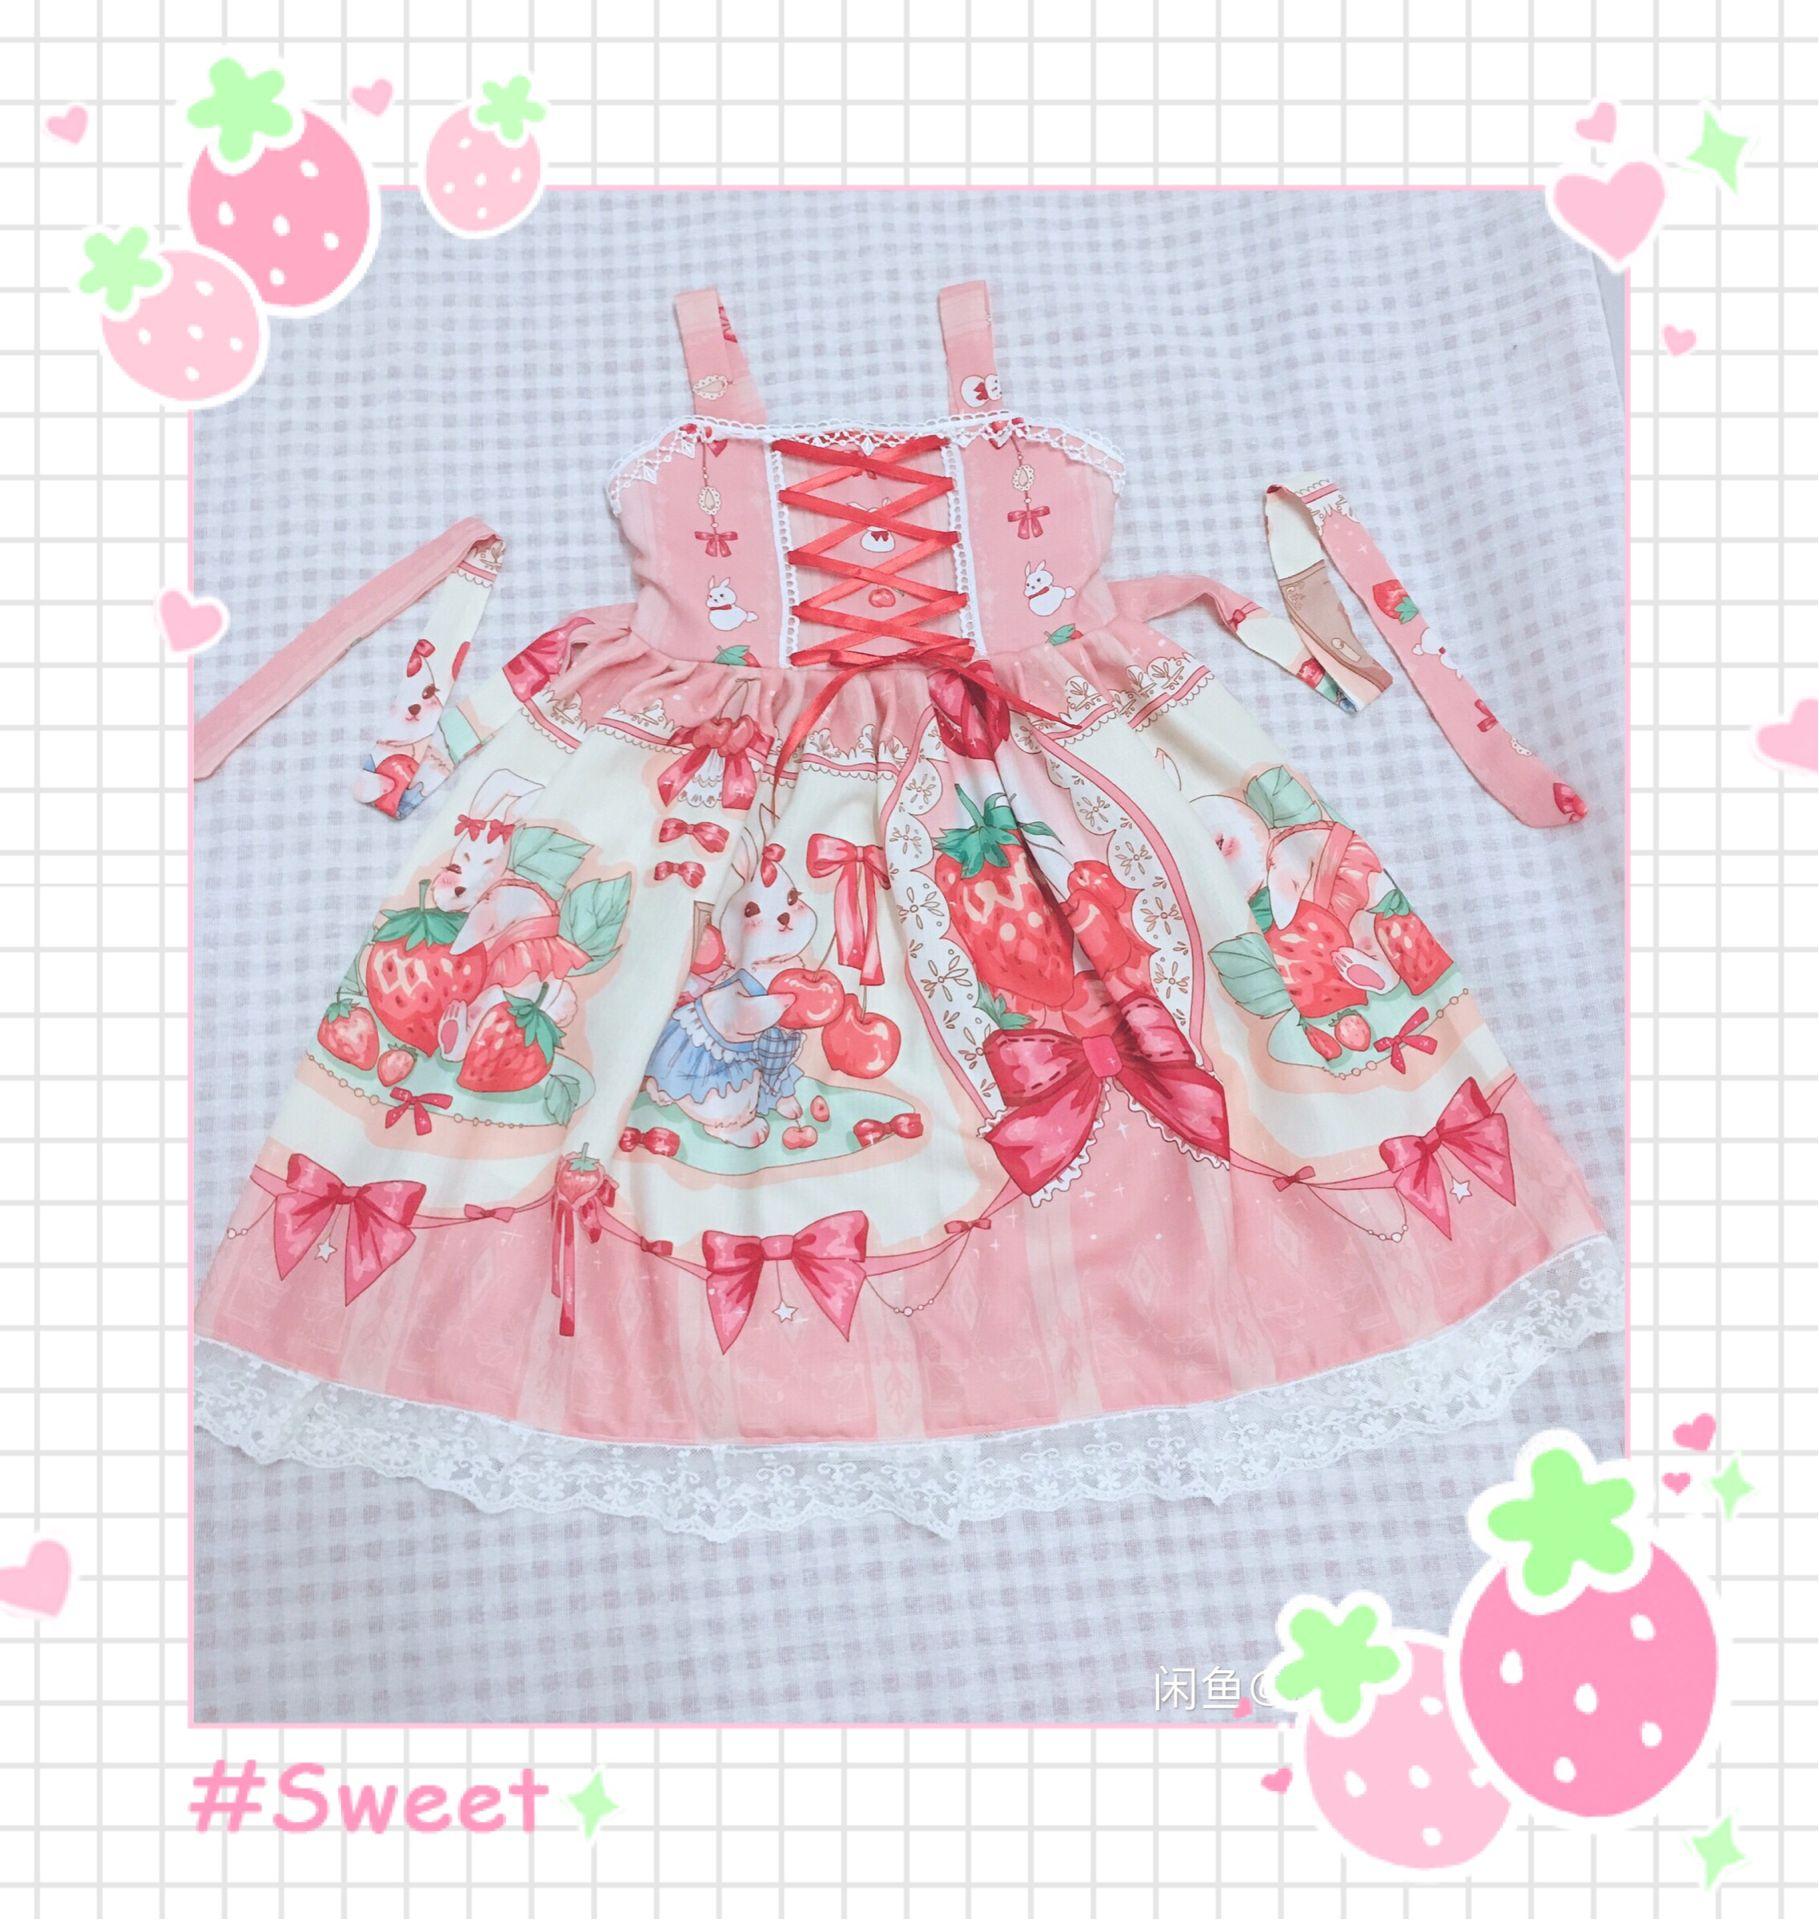 丸子手作りオリジナルイチゴうさぎ子供服可愛いロリータ子供レースJSKワンピース